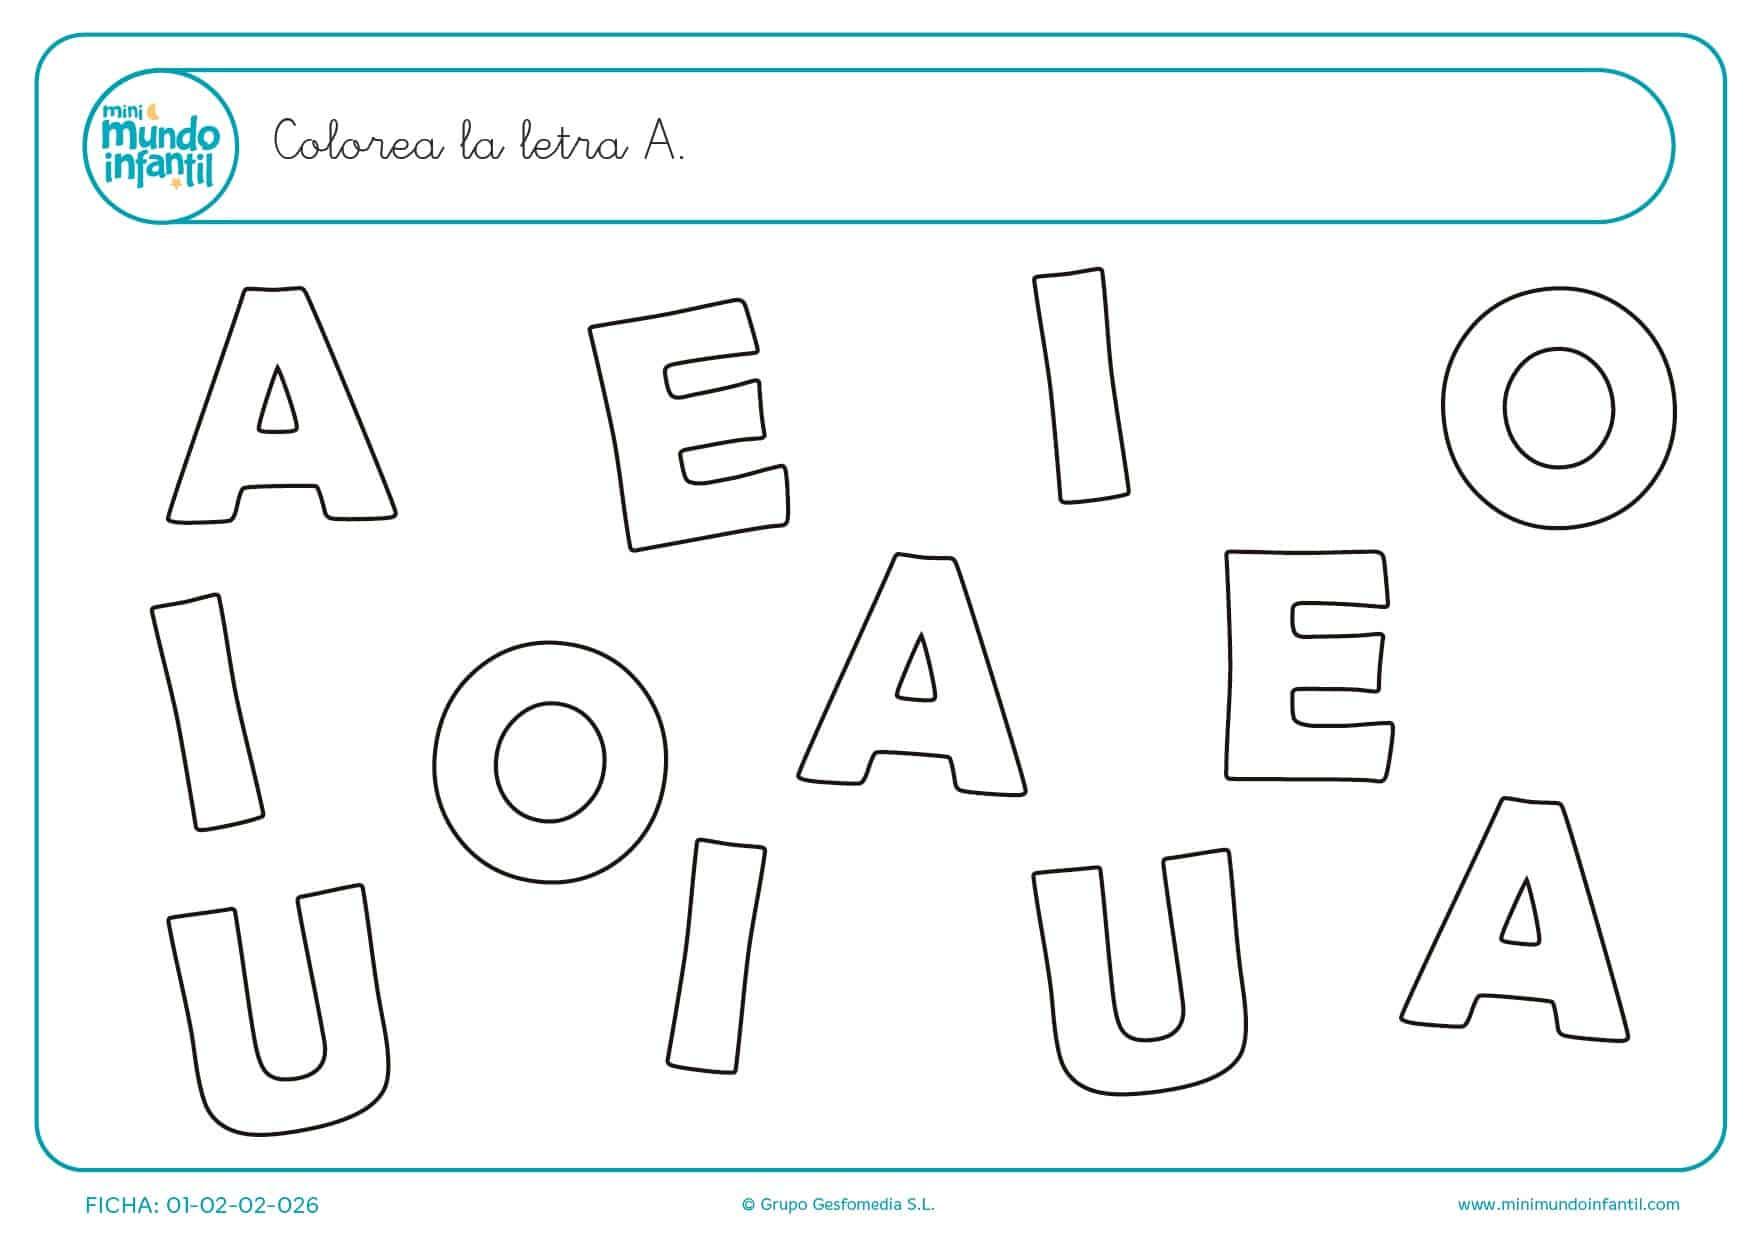 Diferenciar las letras A mayúsculas y colorearlas